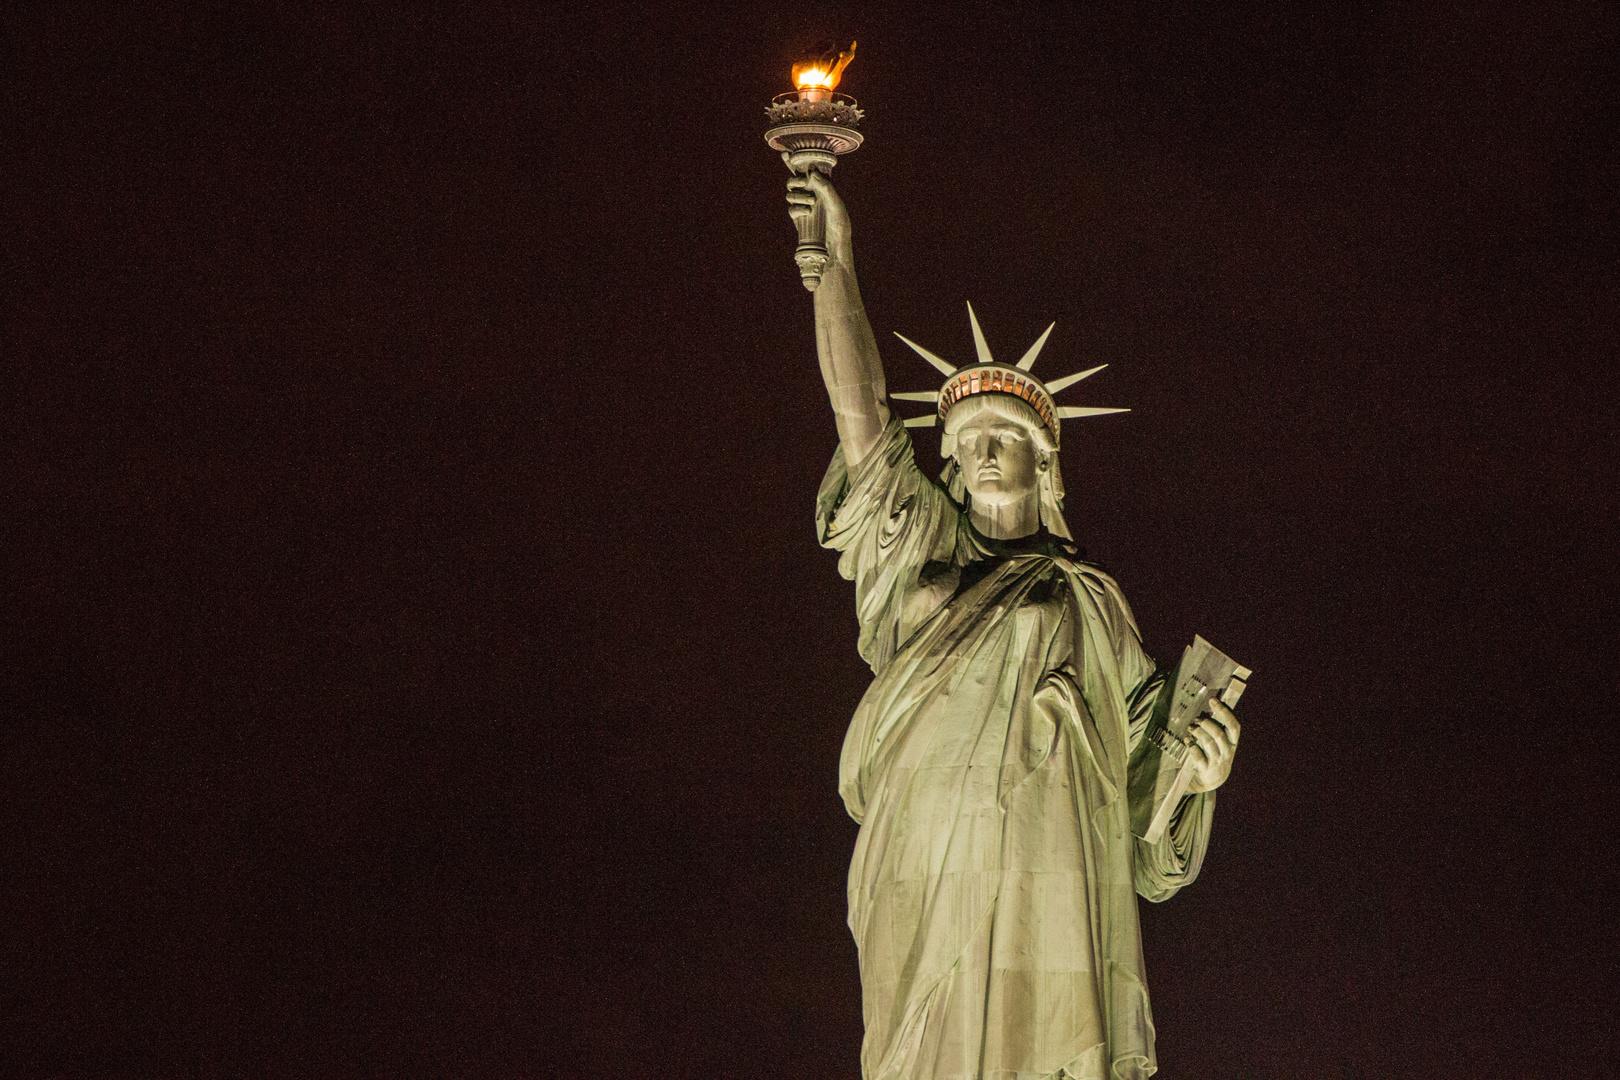 Lady Liberty - immer ein lohnendes Motiv